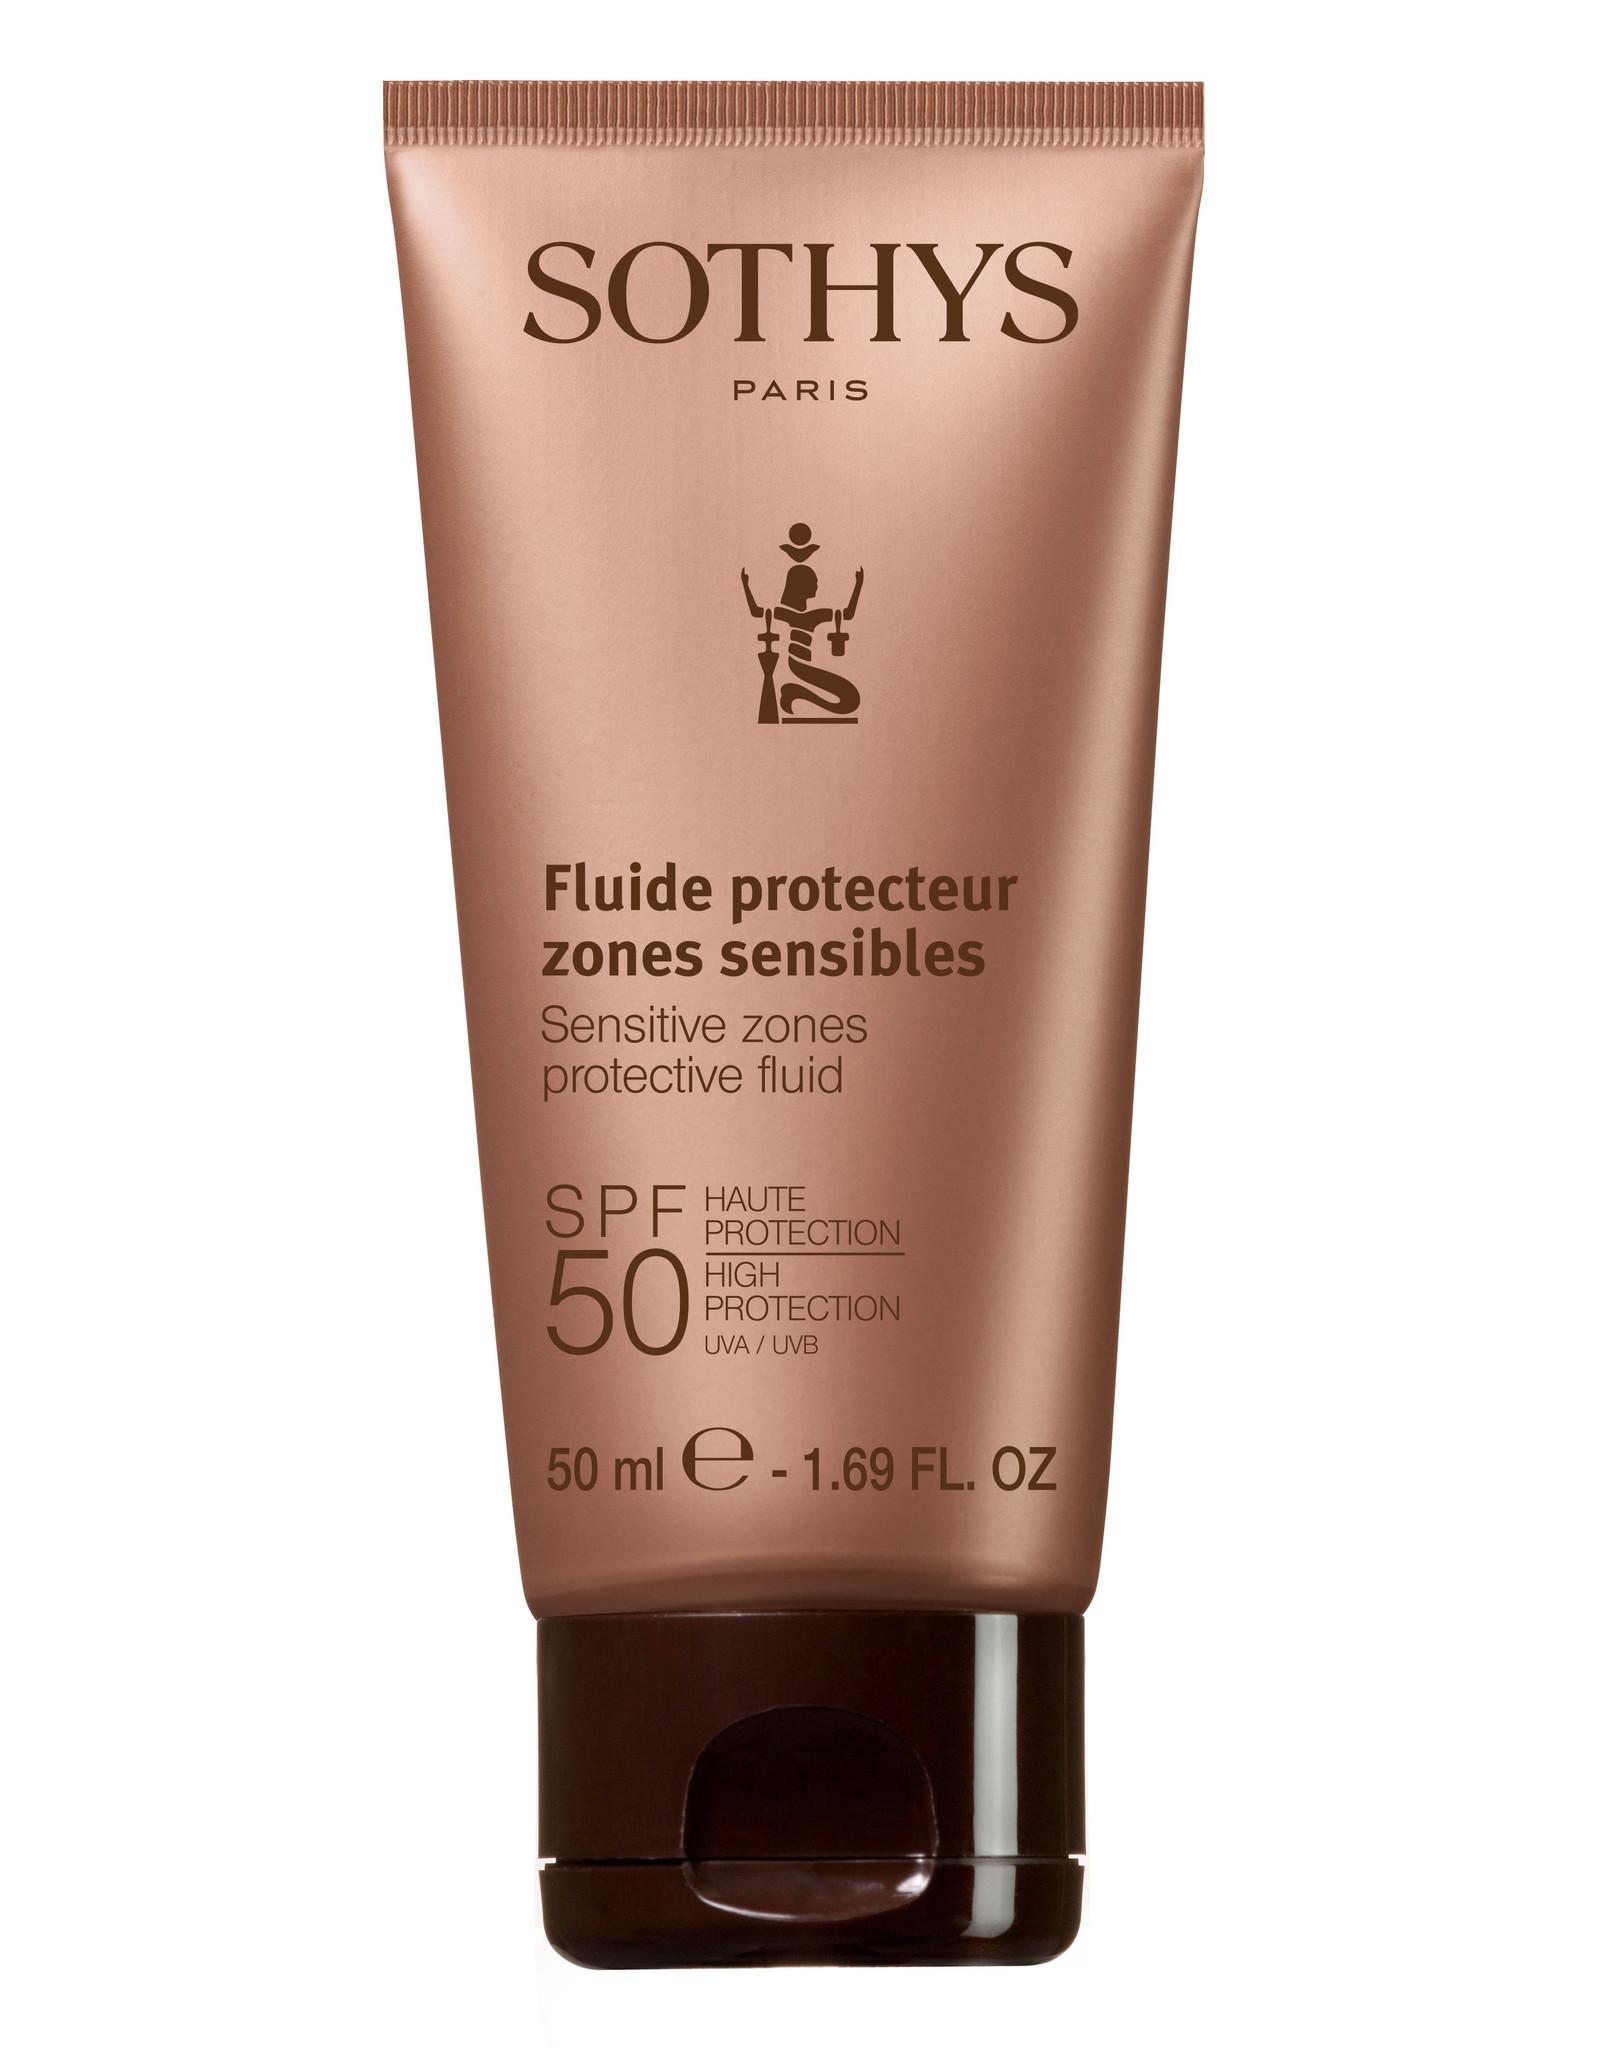 SOTHYS Fluide protecteur zones sensibles SPF 50 - Sothys